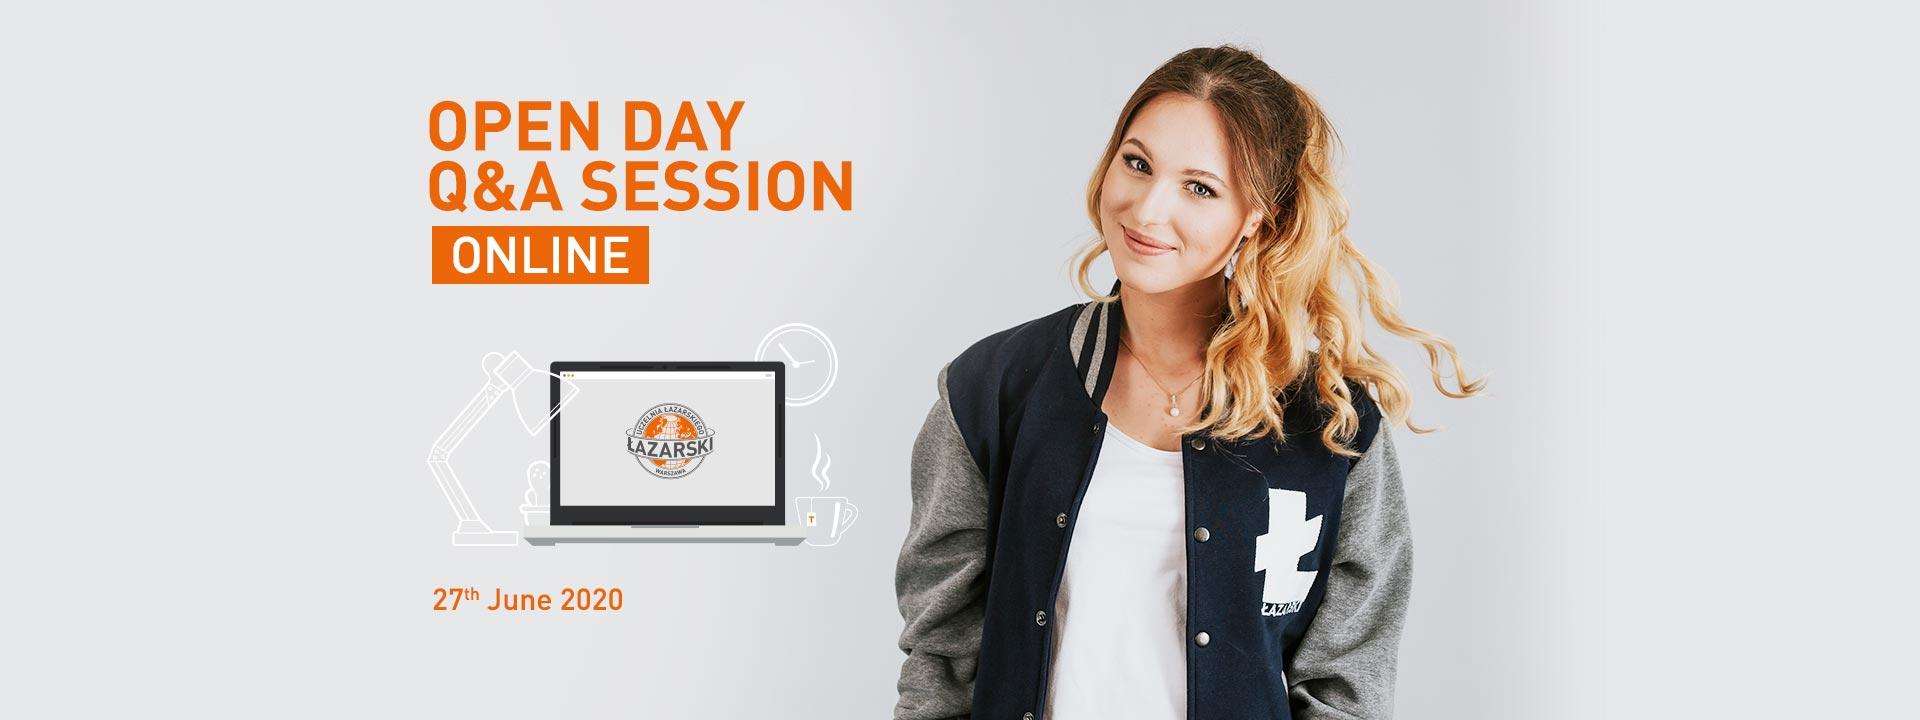 Uczelnia Łazarskiego - Dzień otwarty online 25 kwietnia 2020